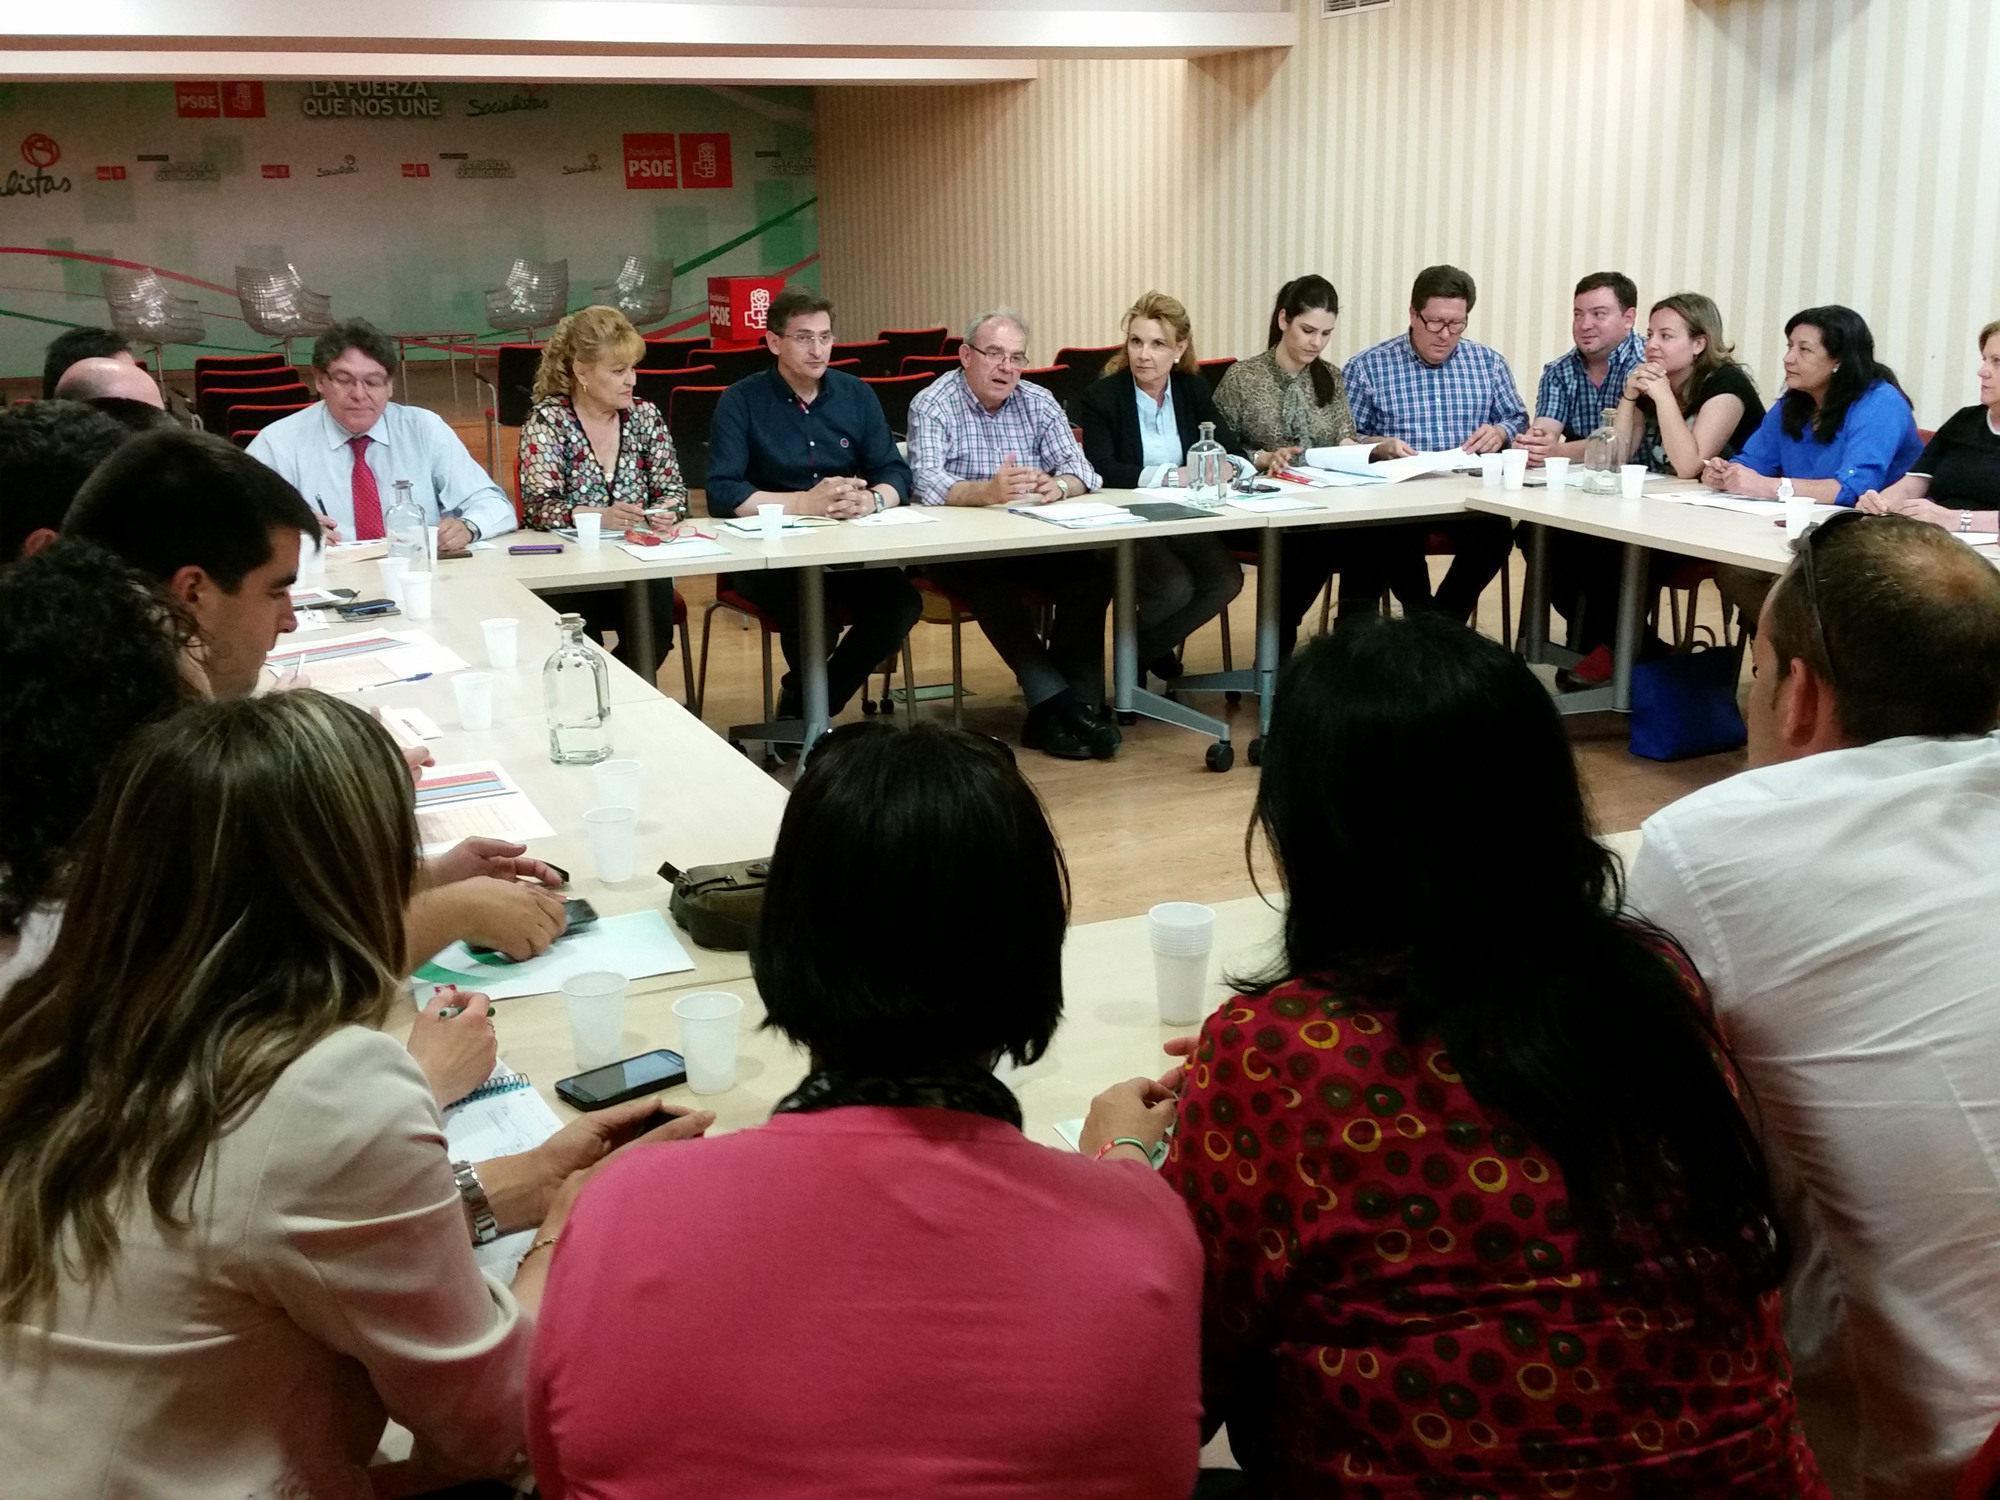 El PSOE dice que Almería ha retirado su confianza al PP